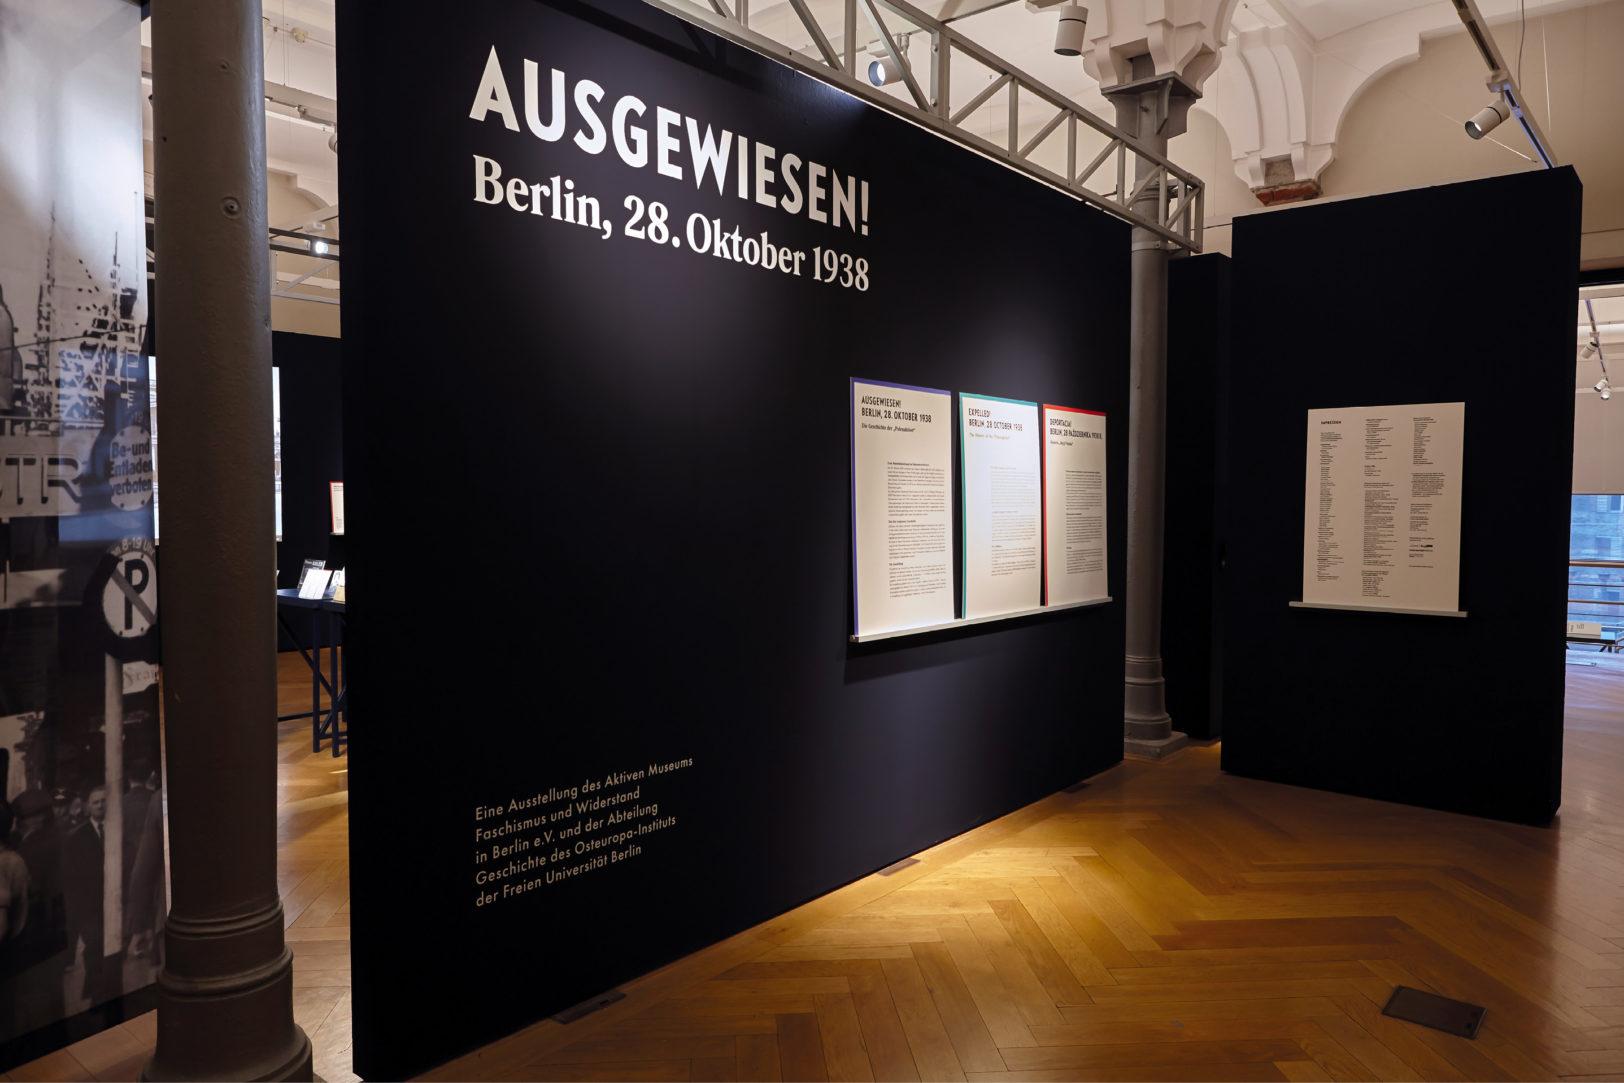 http://e-o-t.de/wordpress/wp-content/uploads/2019/04/eot-Ausgewiesen-exhibit0.jpg